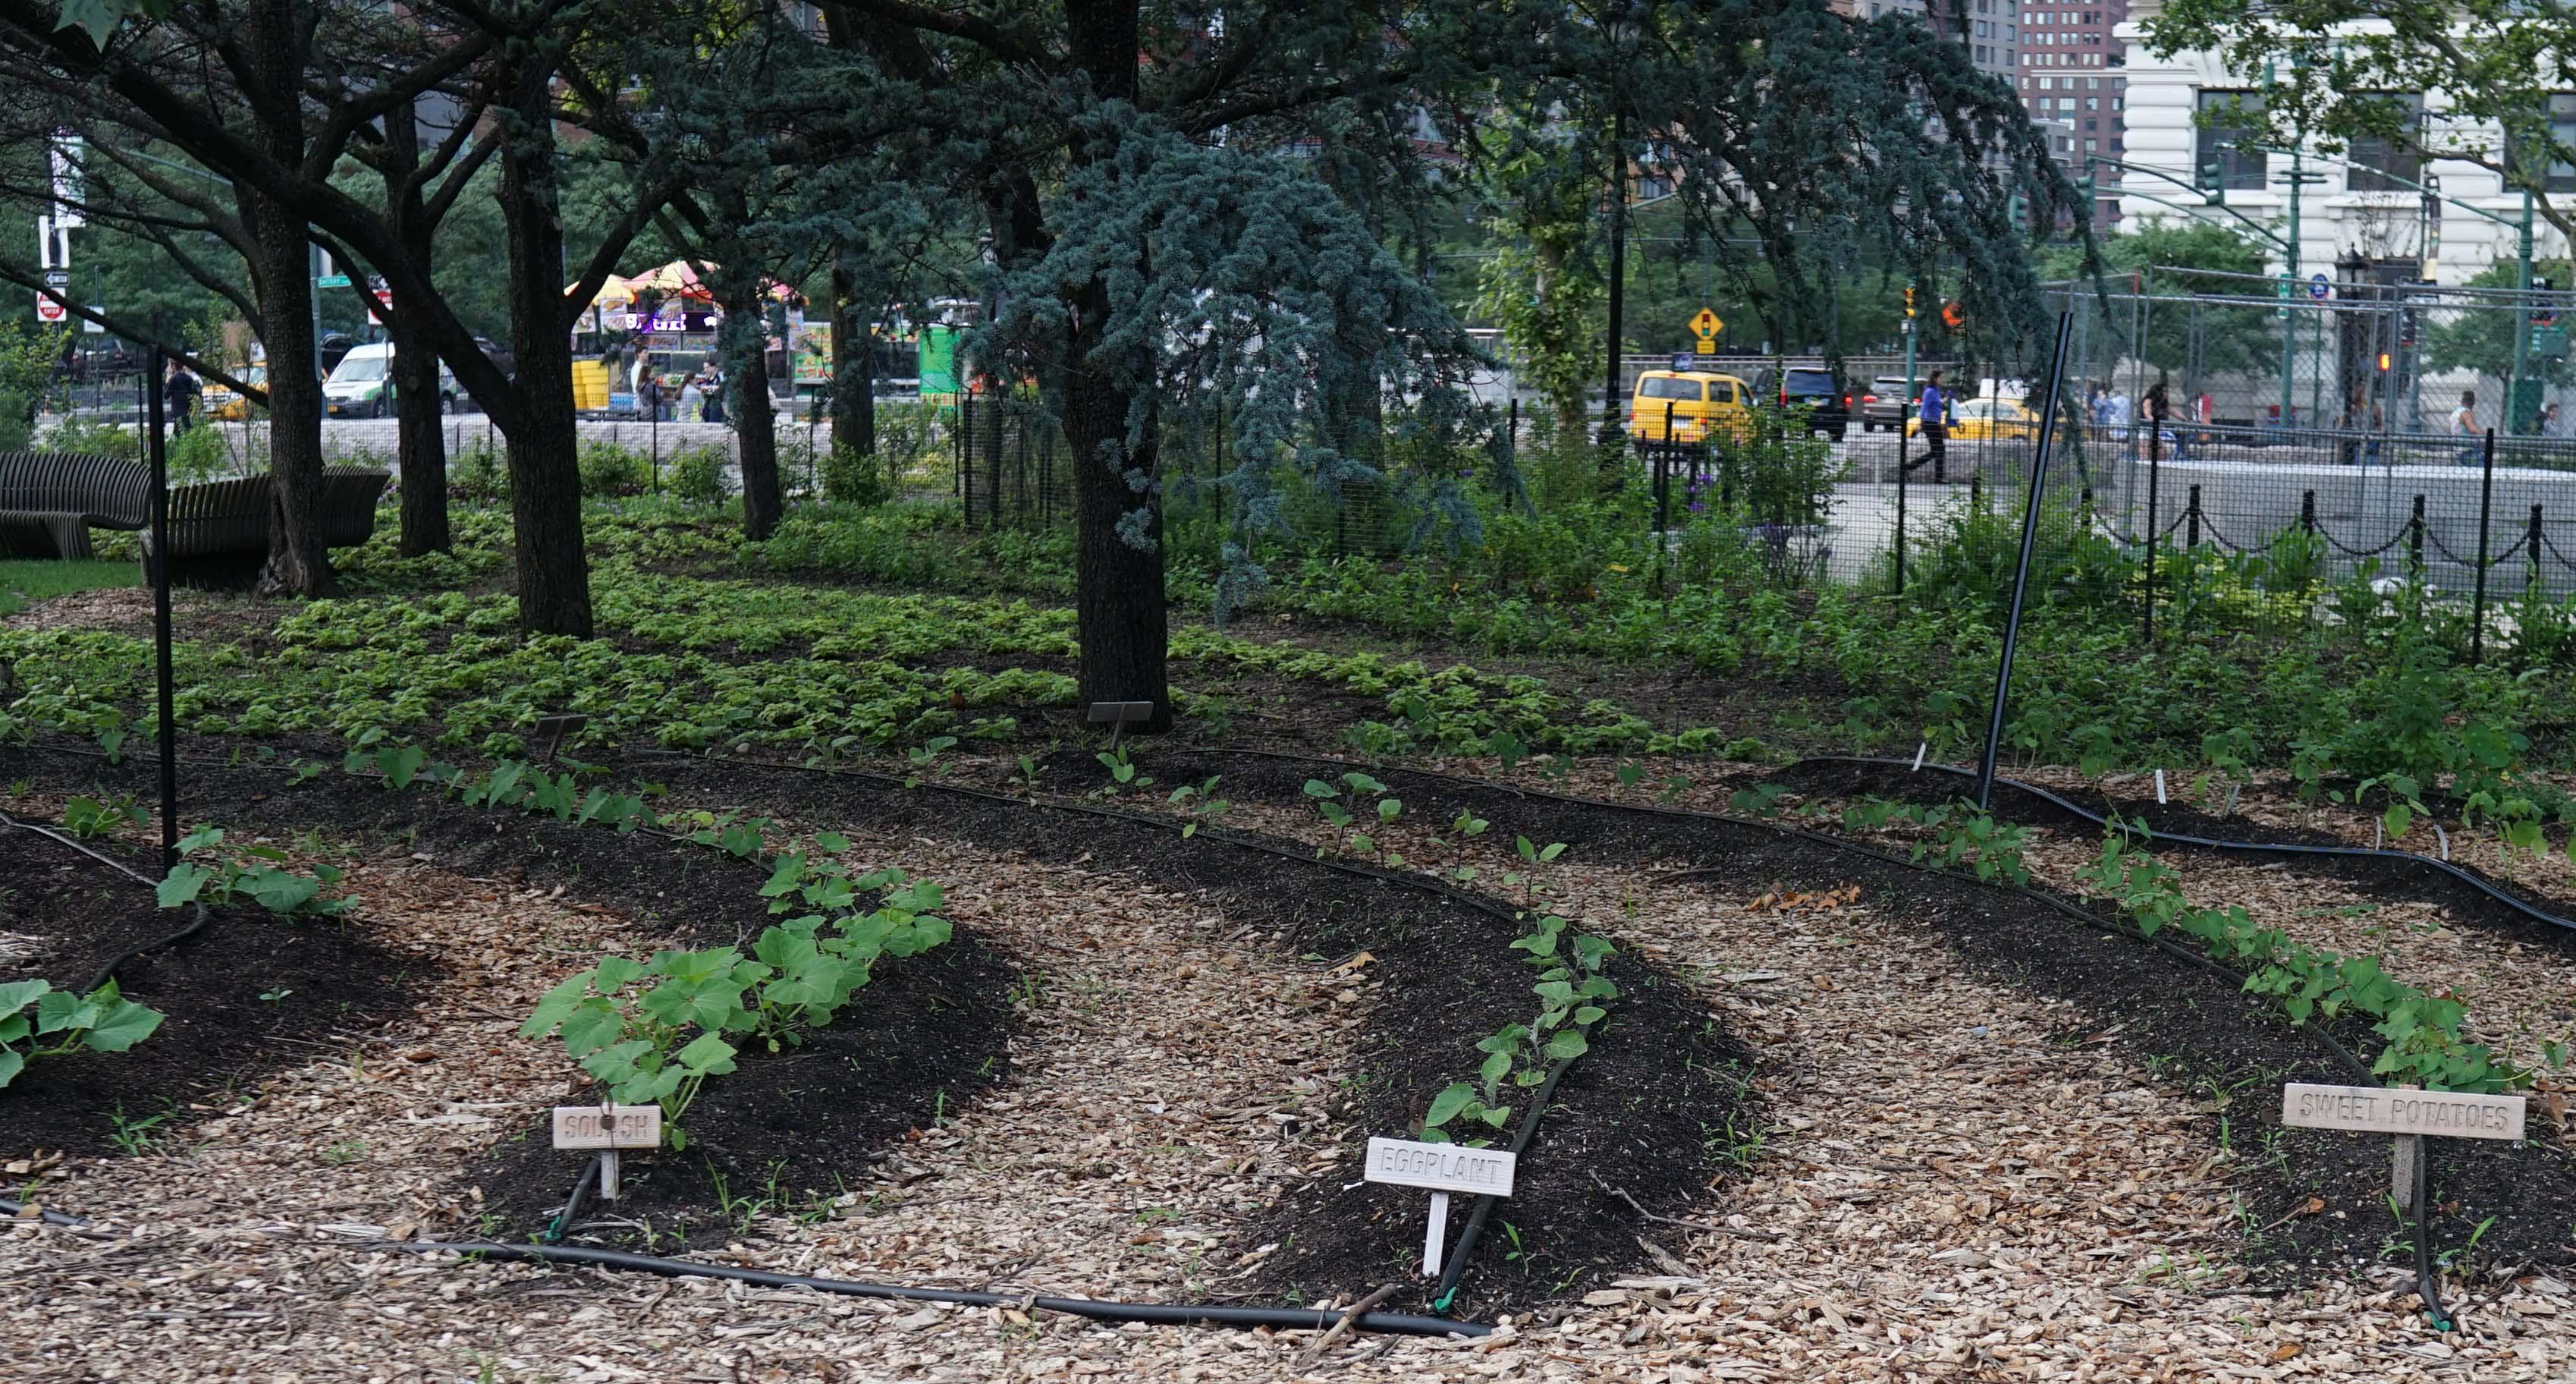 The Battery garden rows